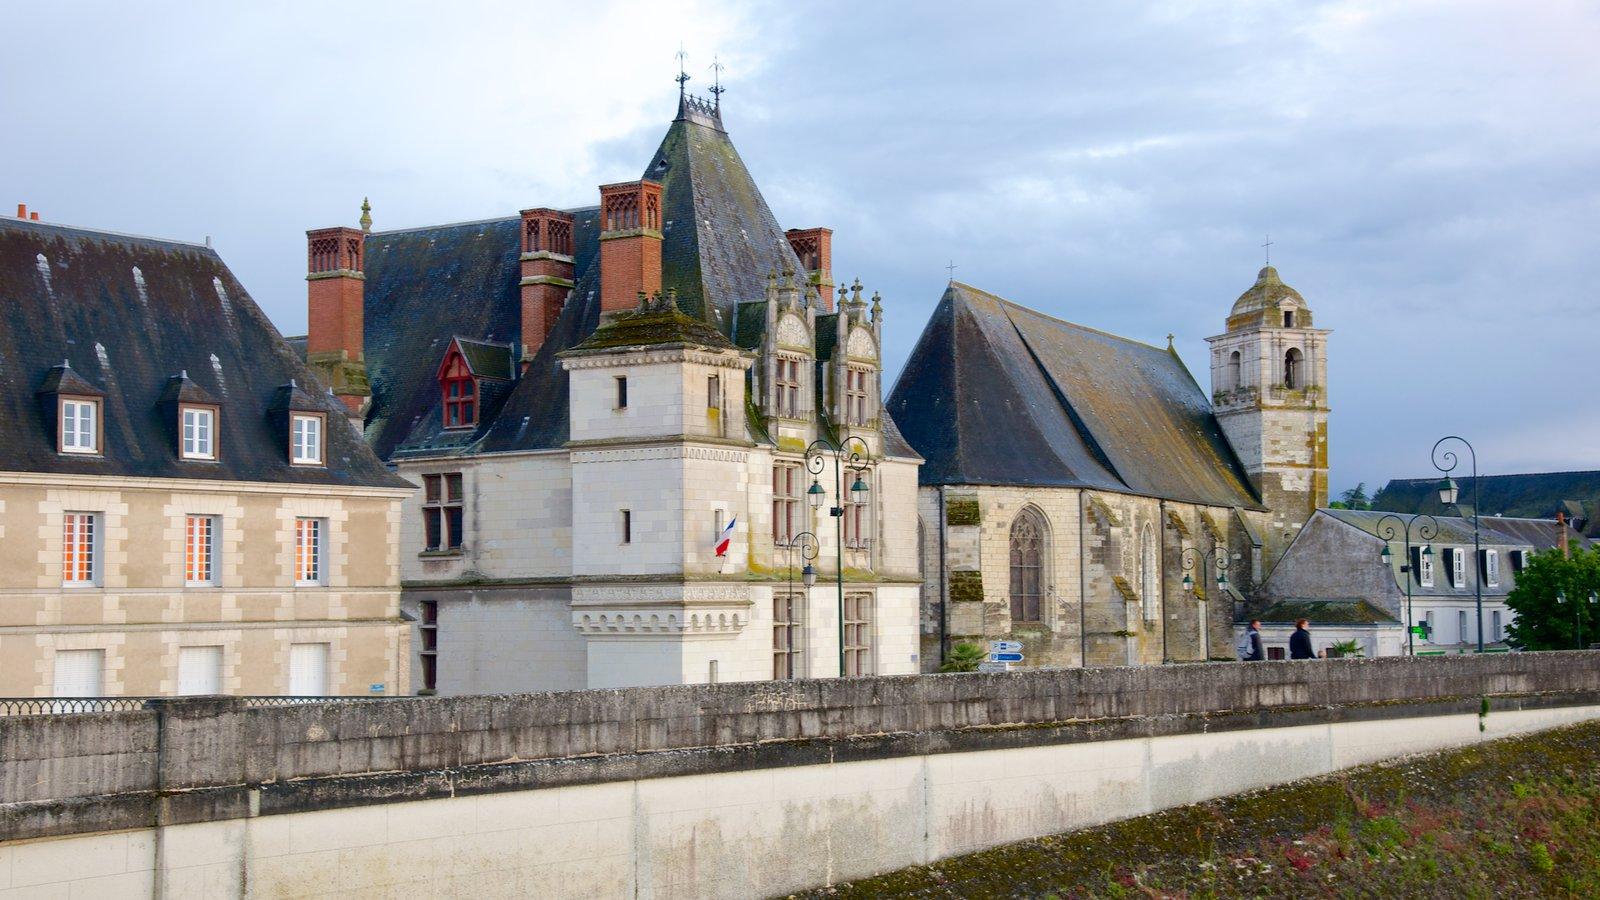 Amboise mostrando um pequeno castelo ou palácio e elementos de patrimônio